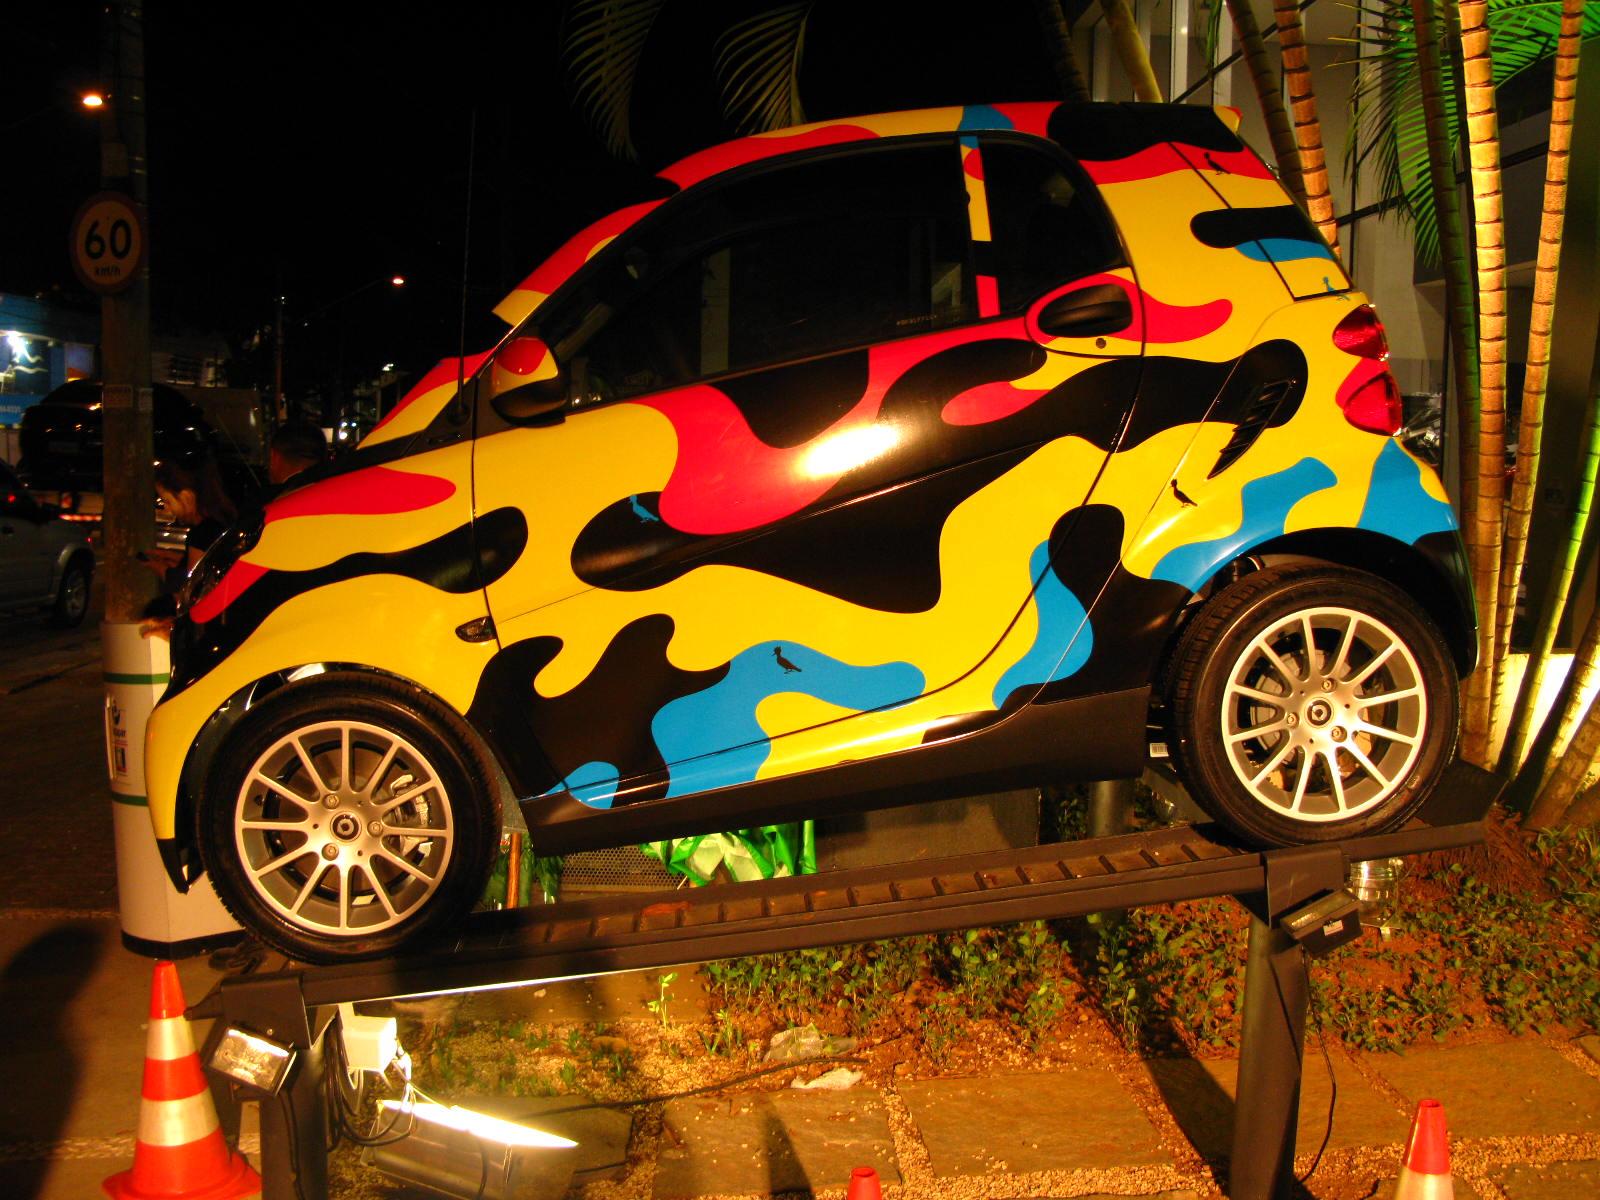 SmartCar-Costumizados-por-marcas-brasileiras.jpg